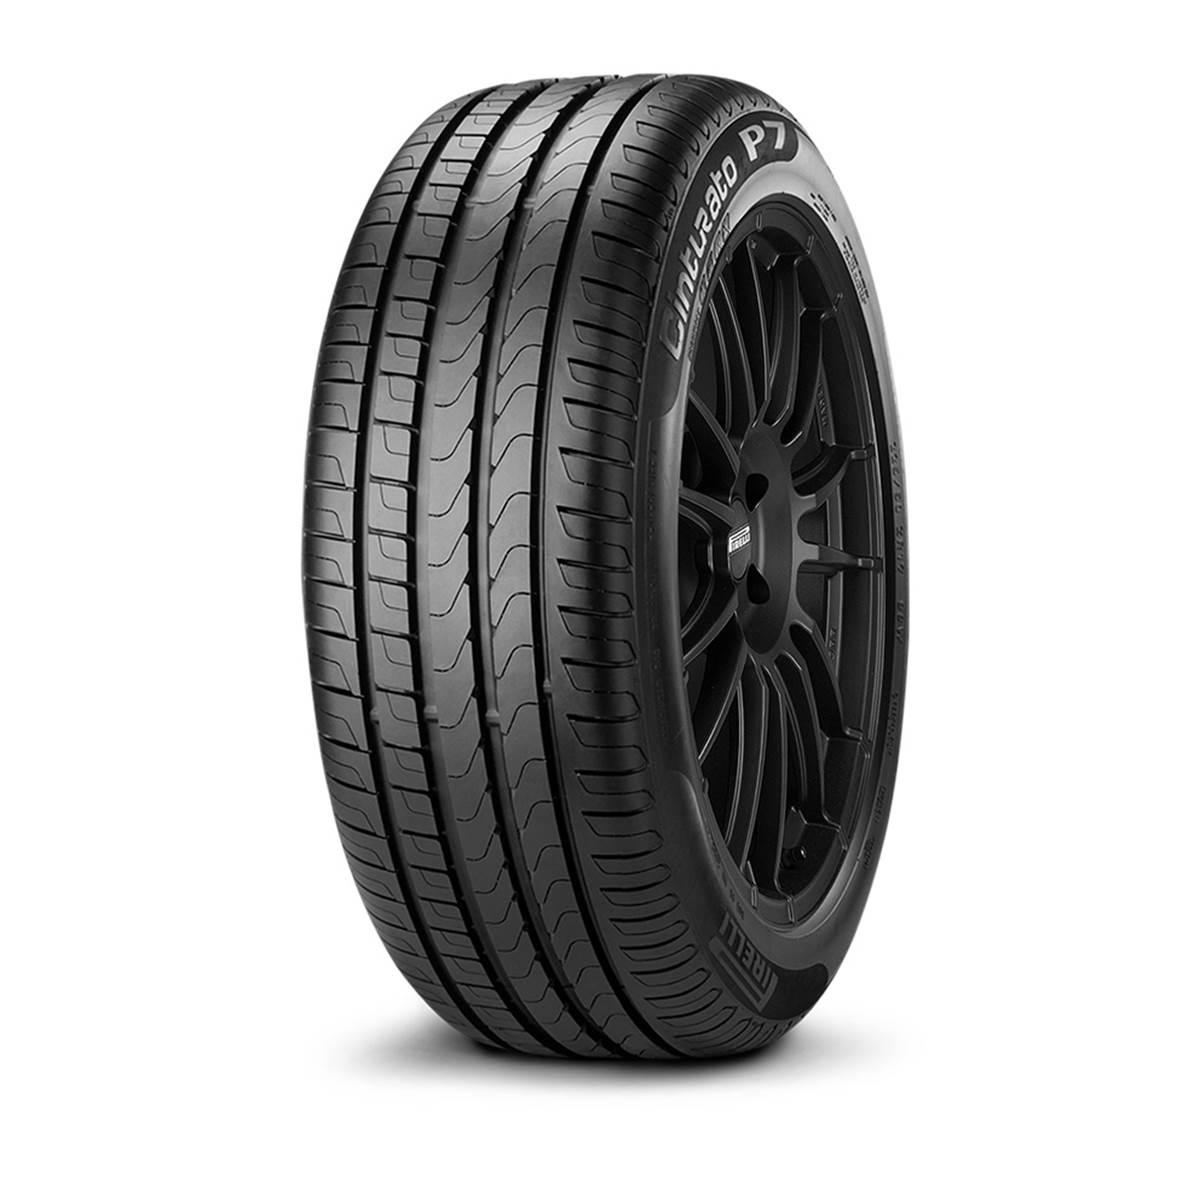 Pirelli Cinturato P7 Homologue Mercedes Xl